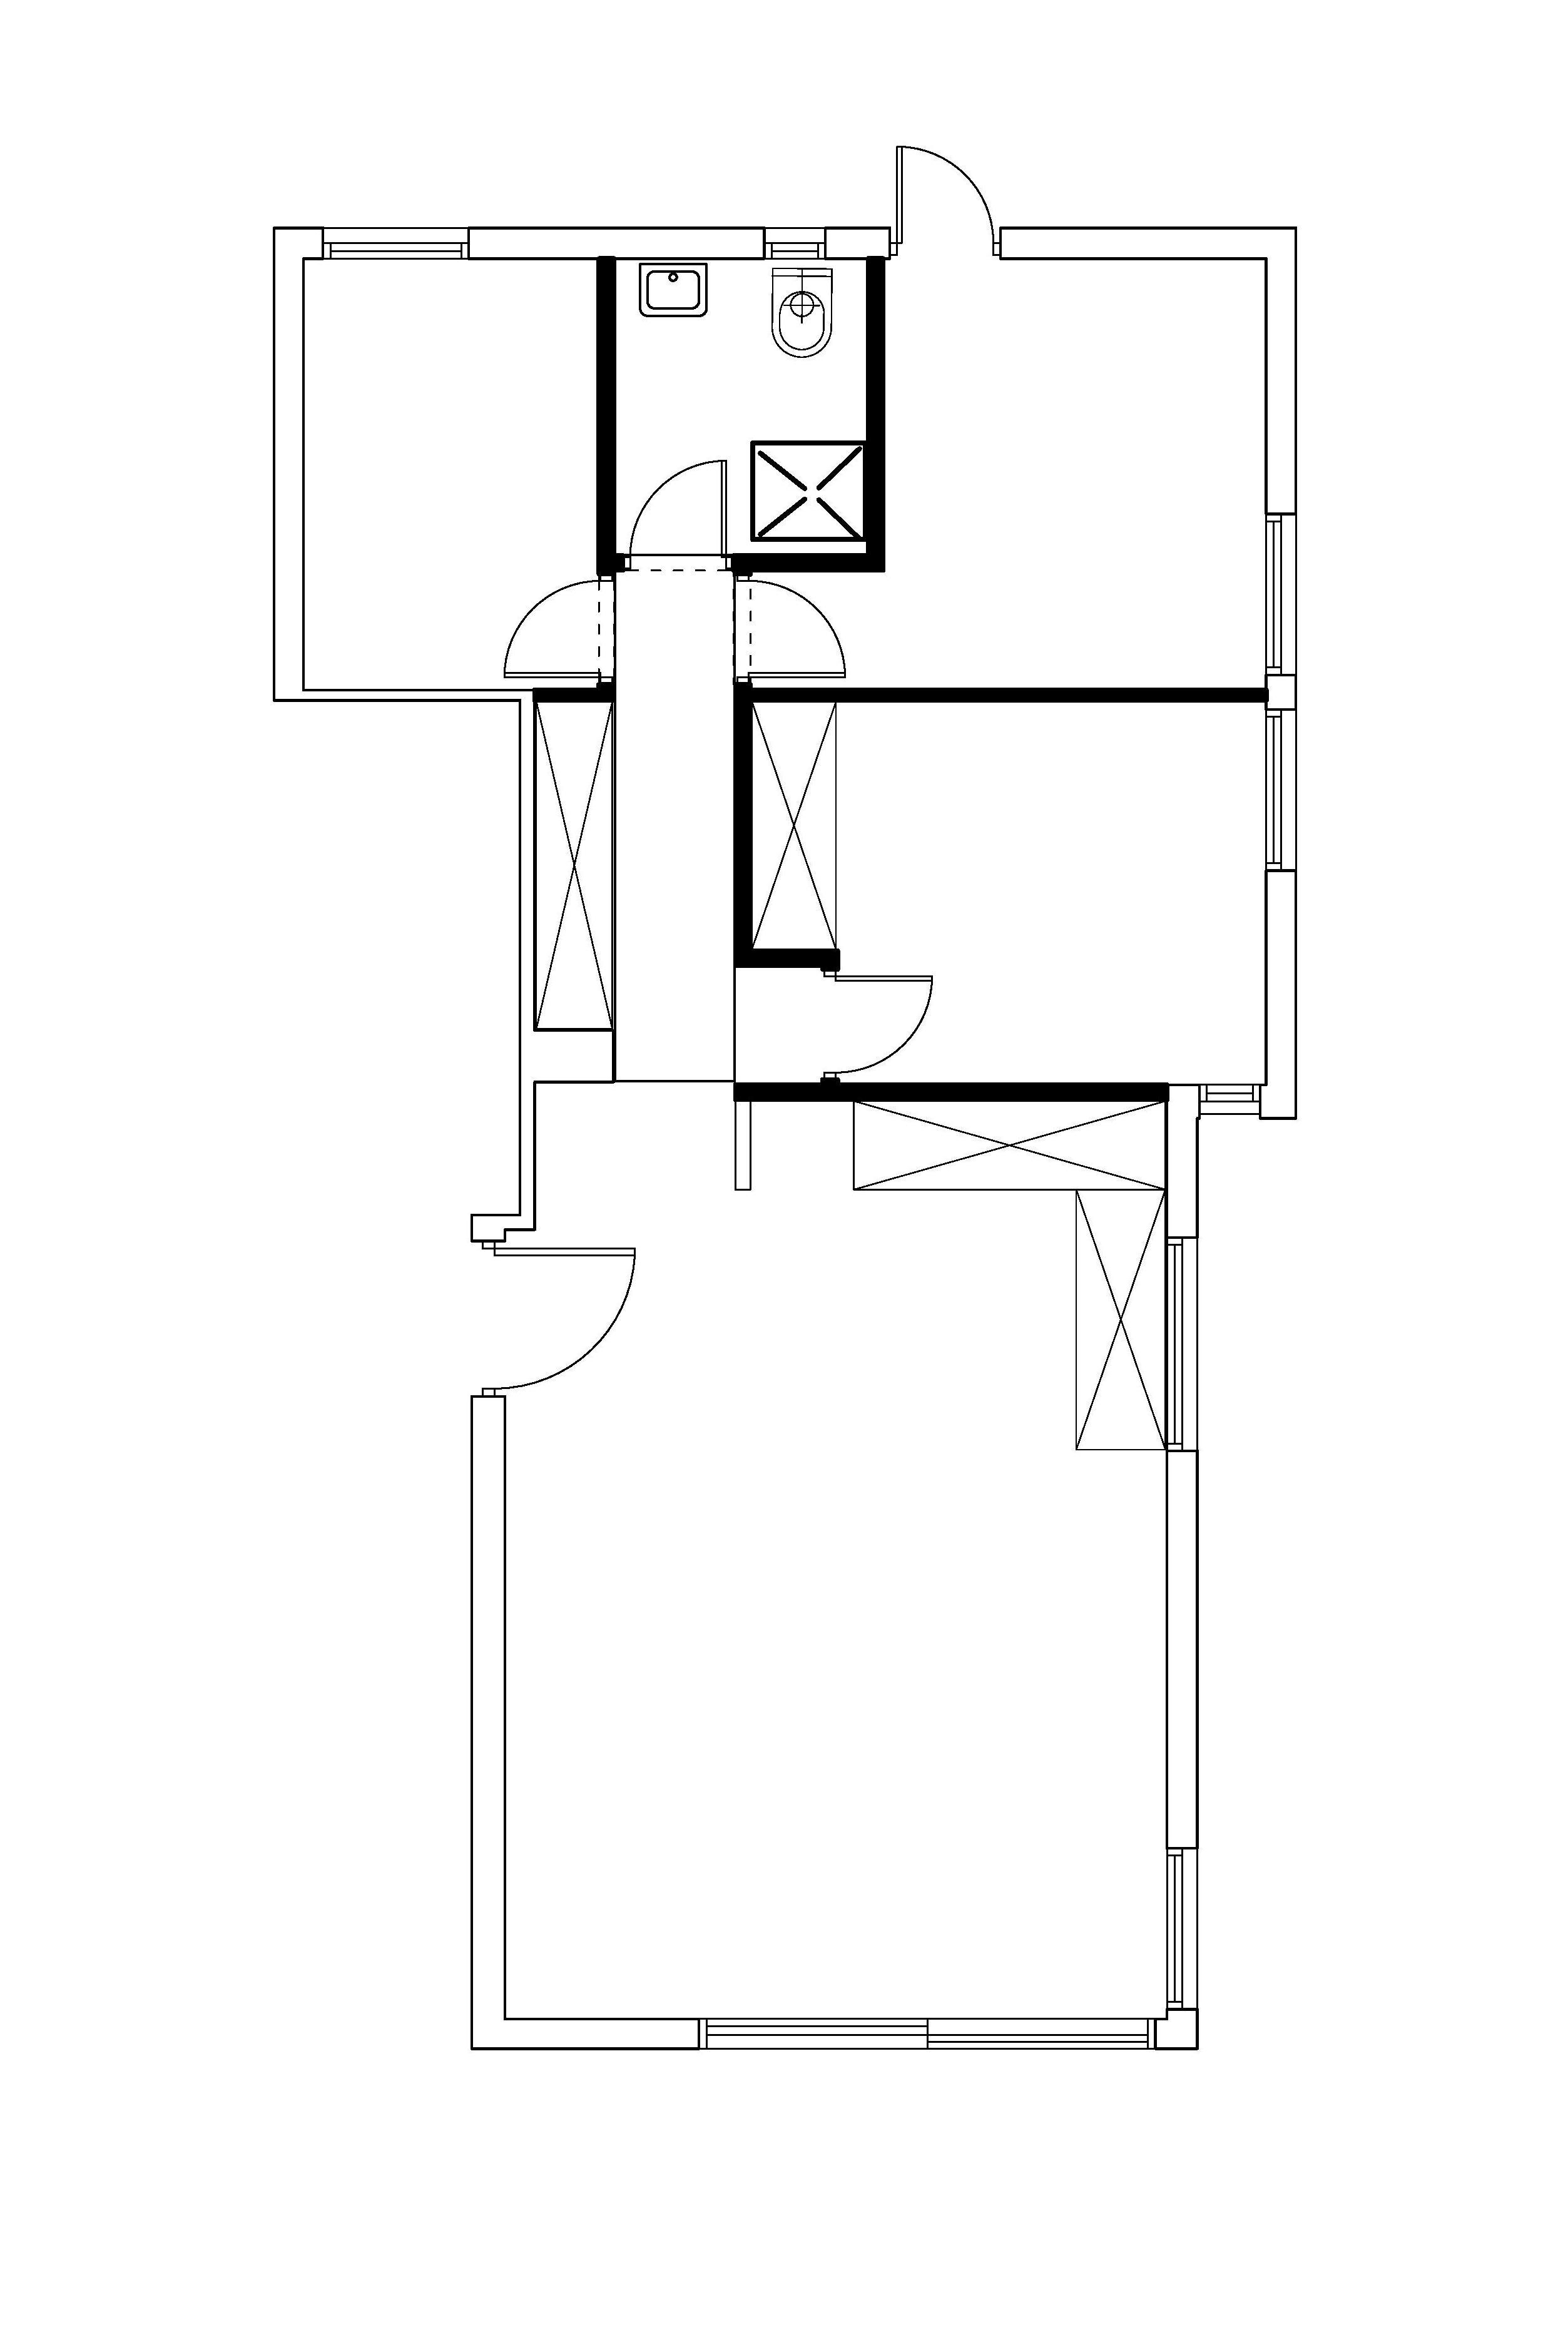 הדירה לפני